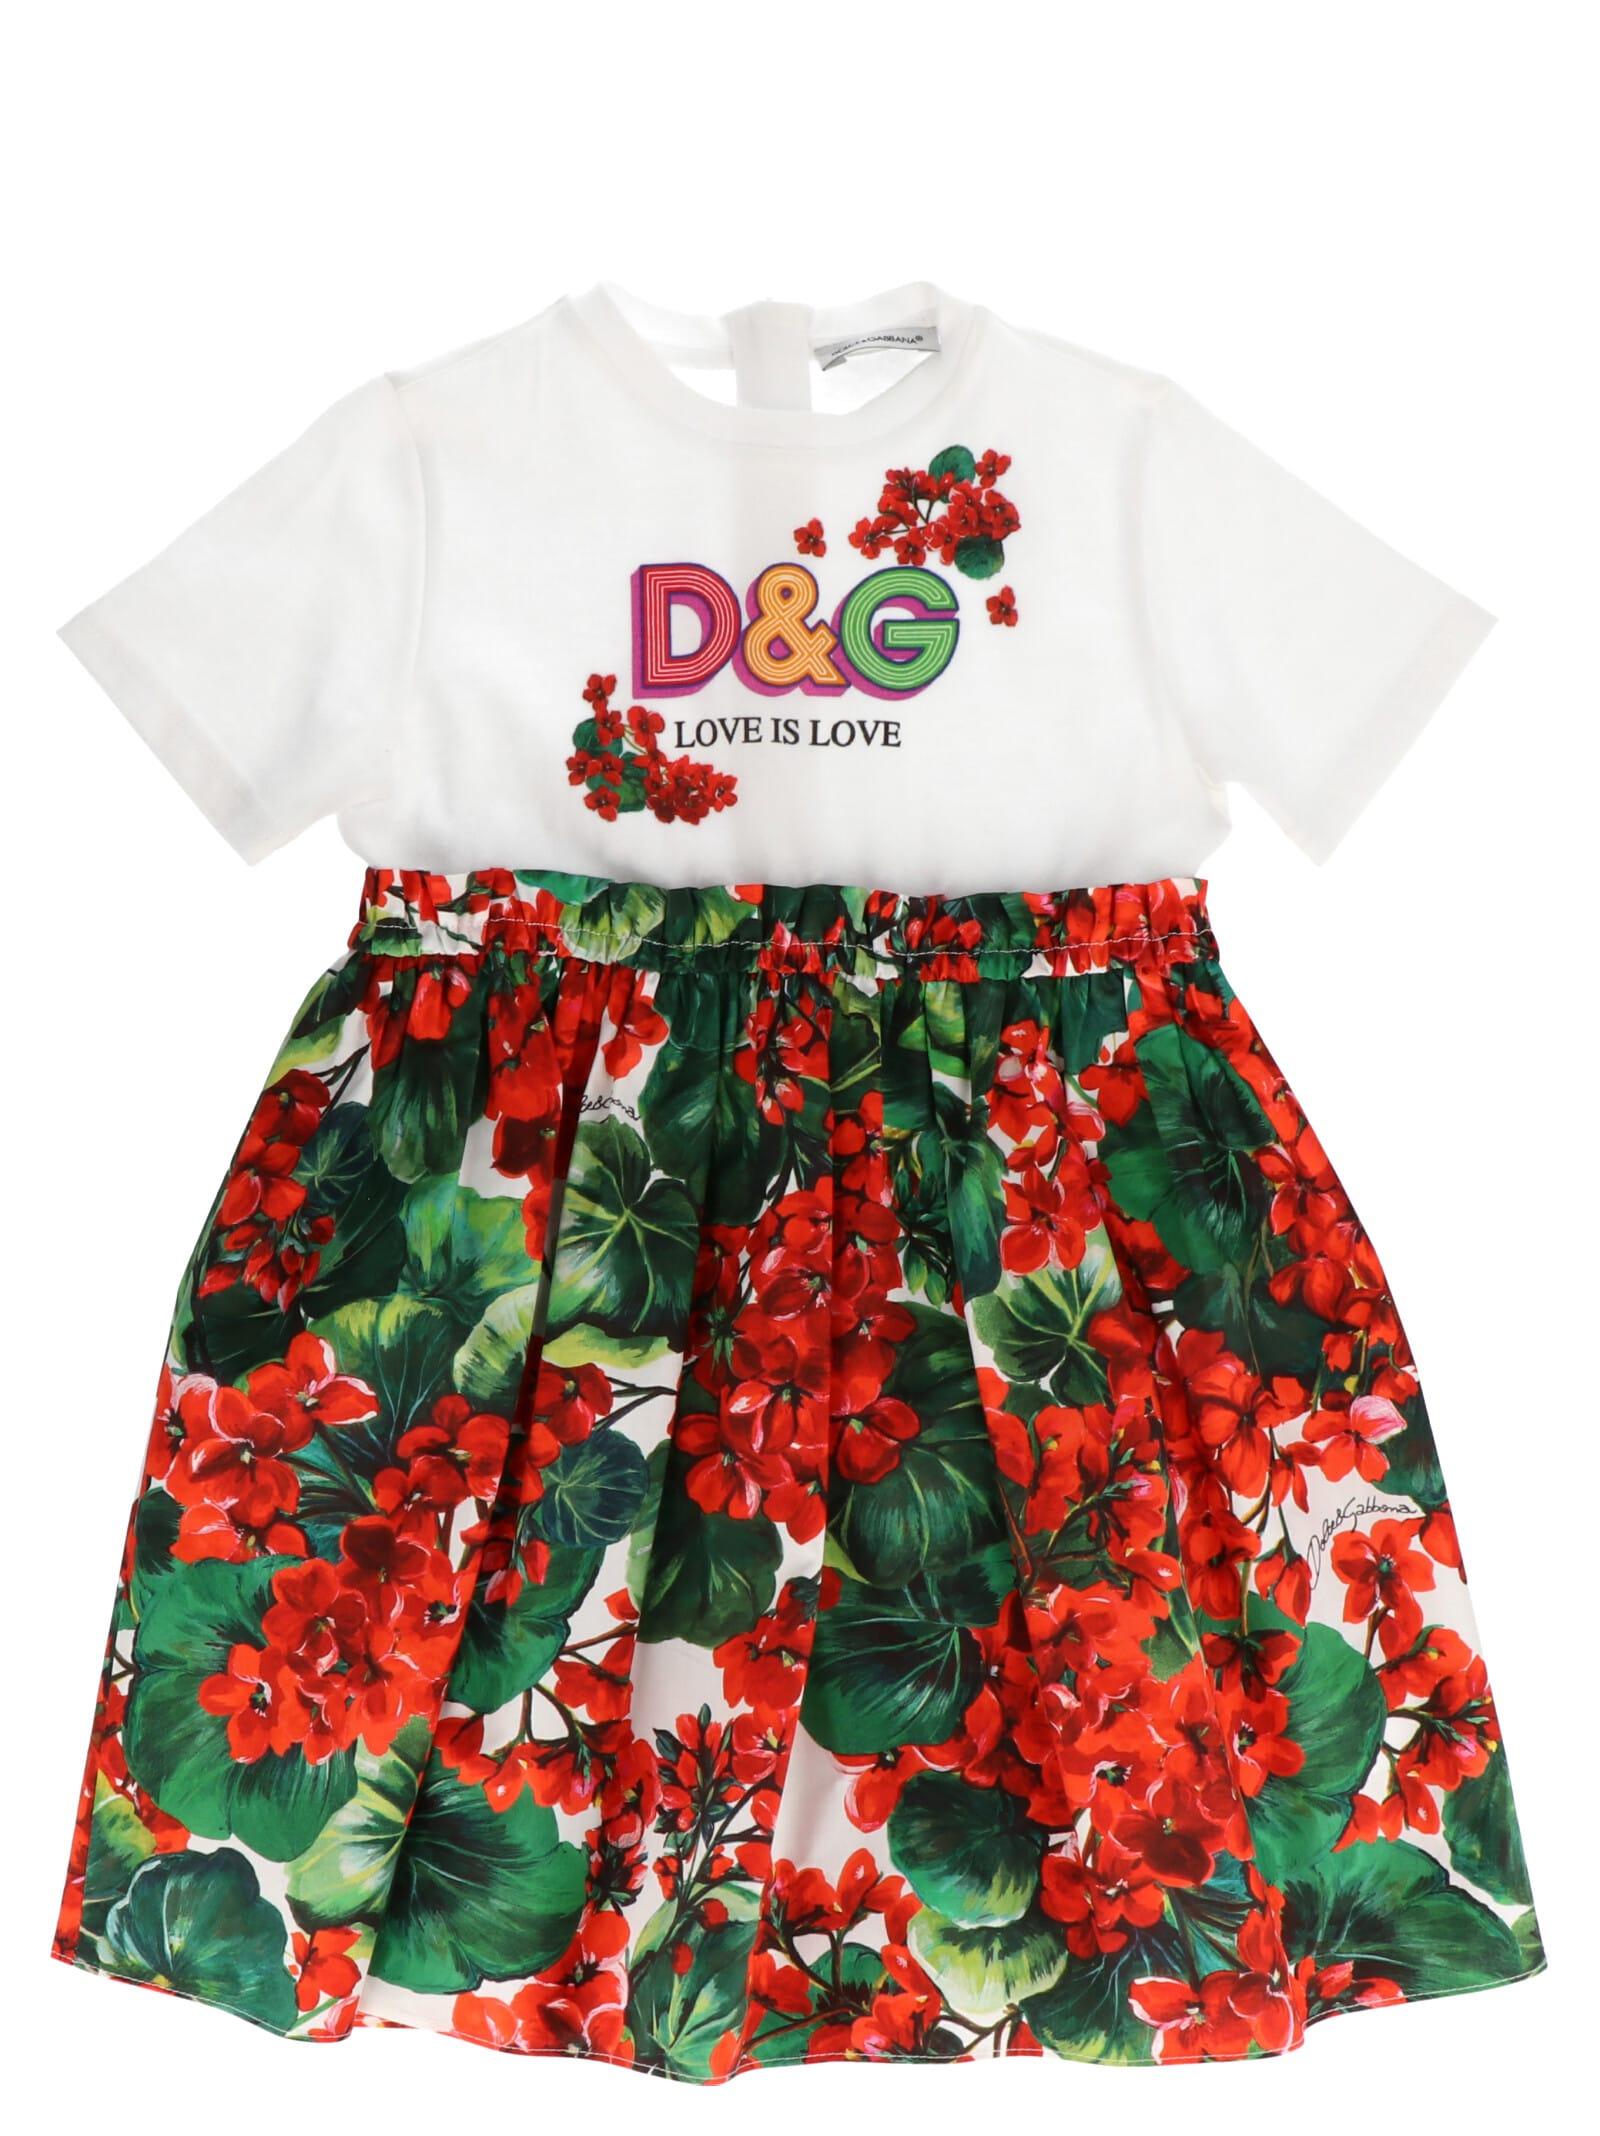 Dolce & Gabbana d & g Dress